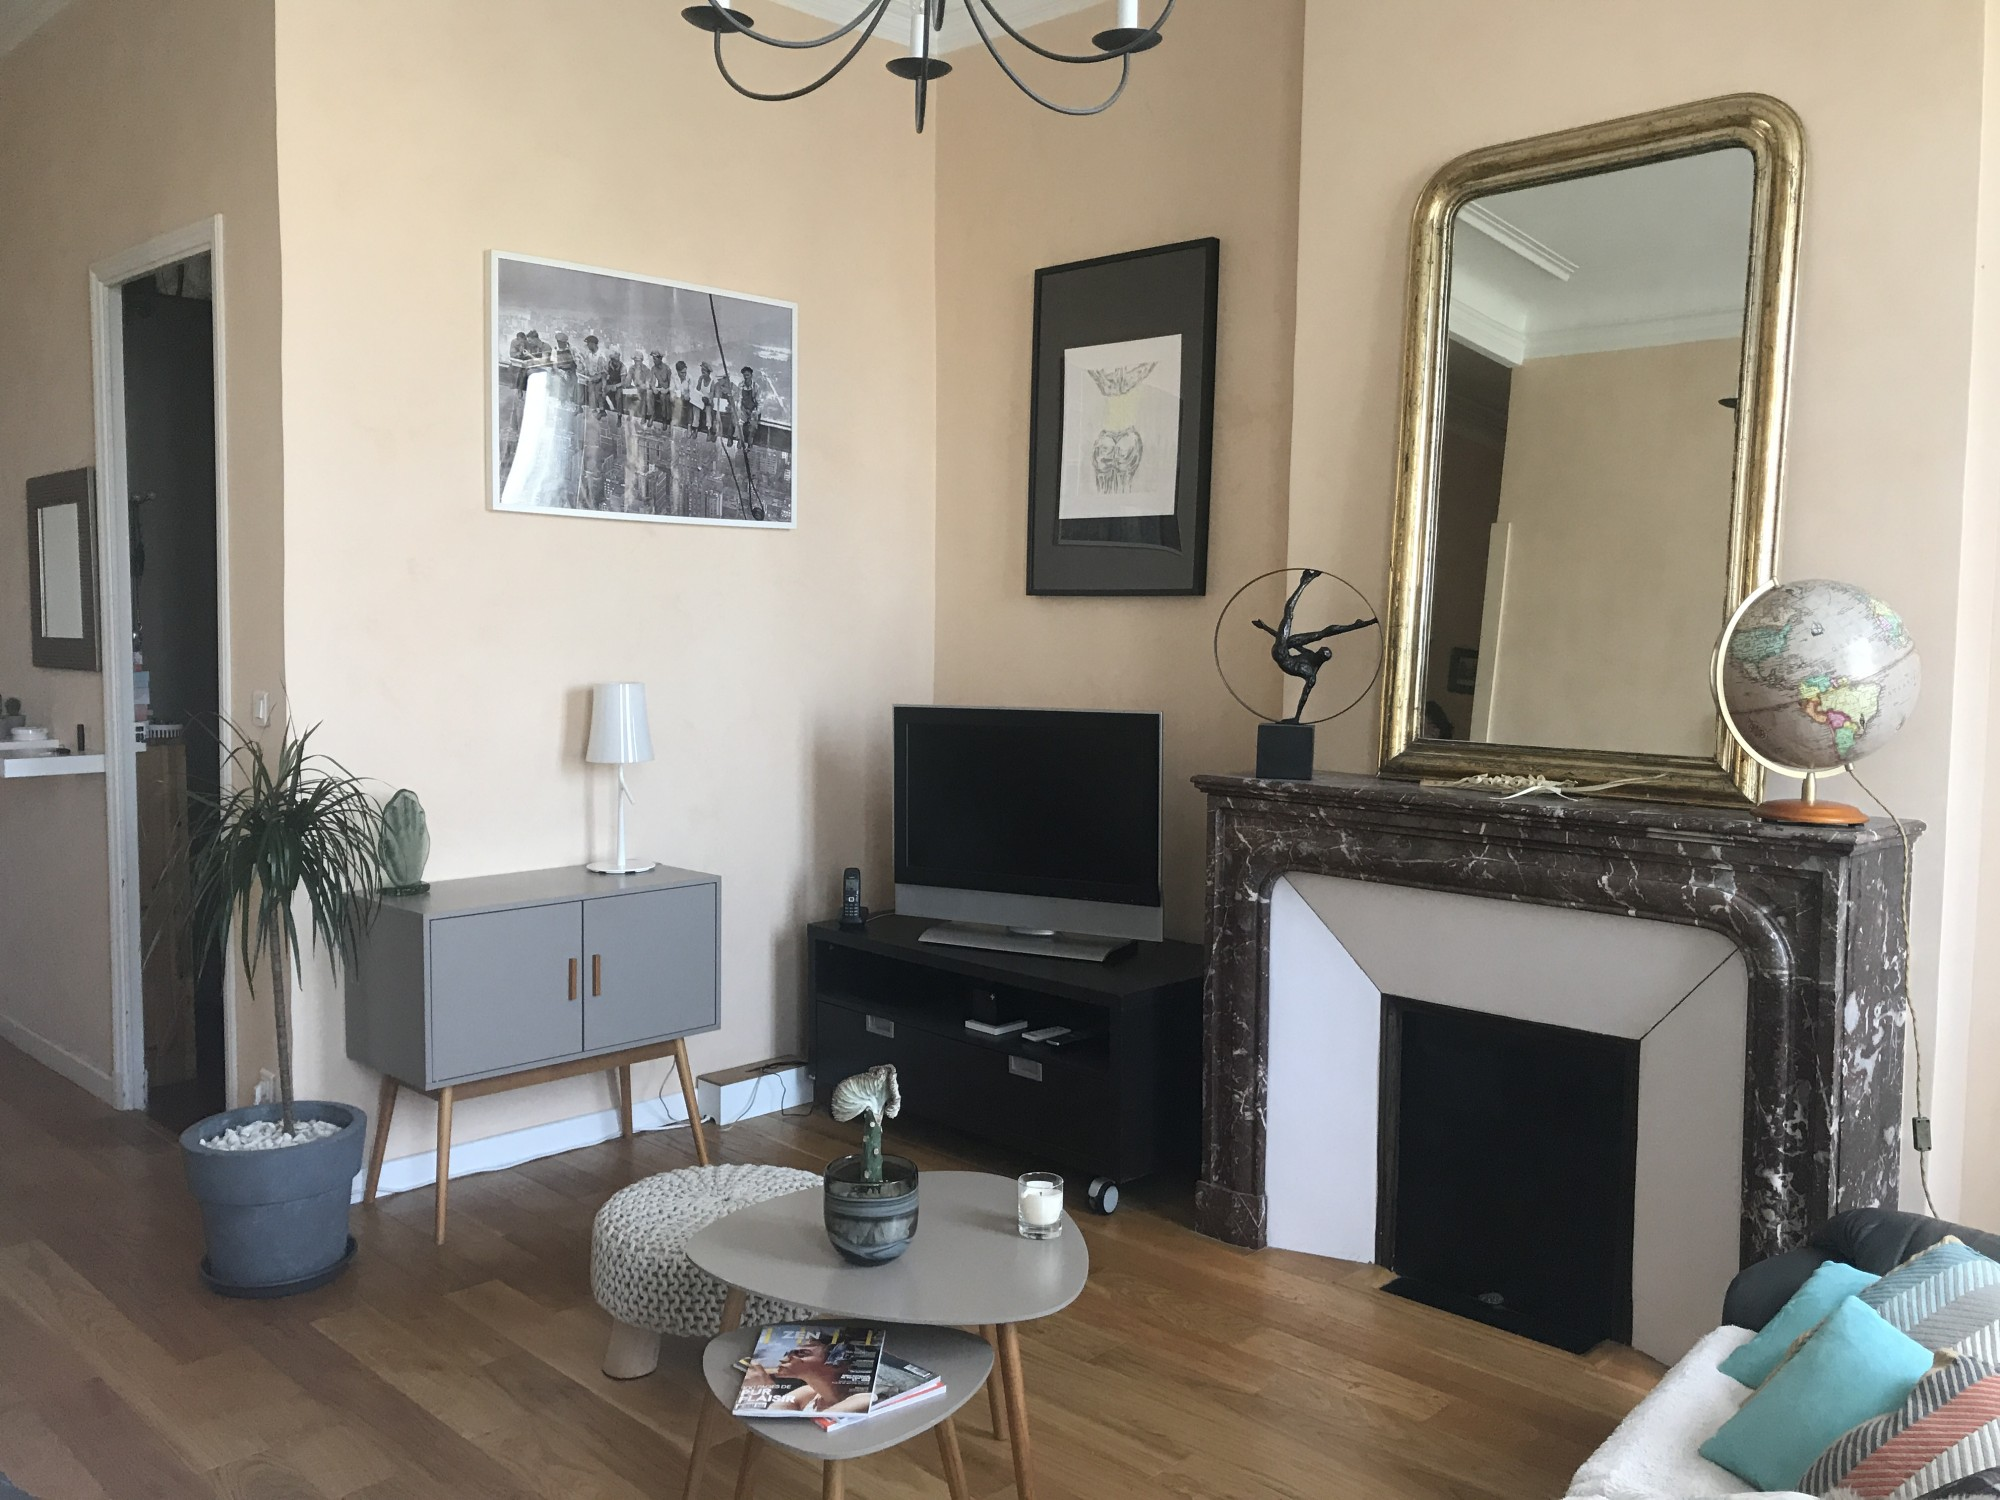 Vente Appartement T3 - 13006 - Baille / Castellane - Ancien, grand salon, parquet, cheminées, dressing, climatisation, double vitrage ...